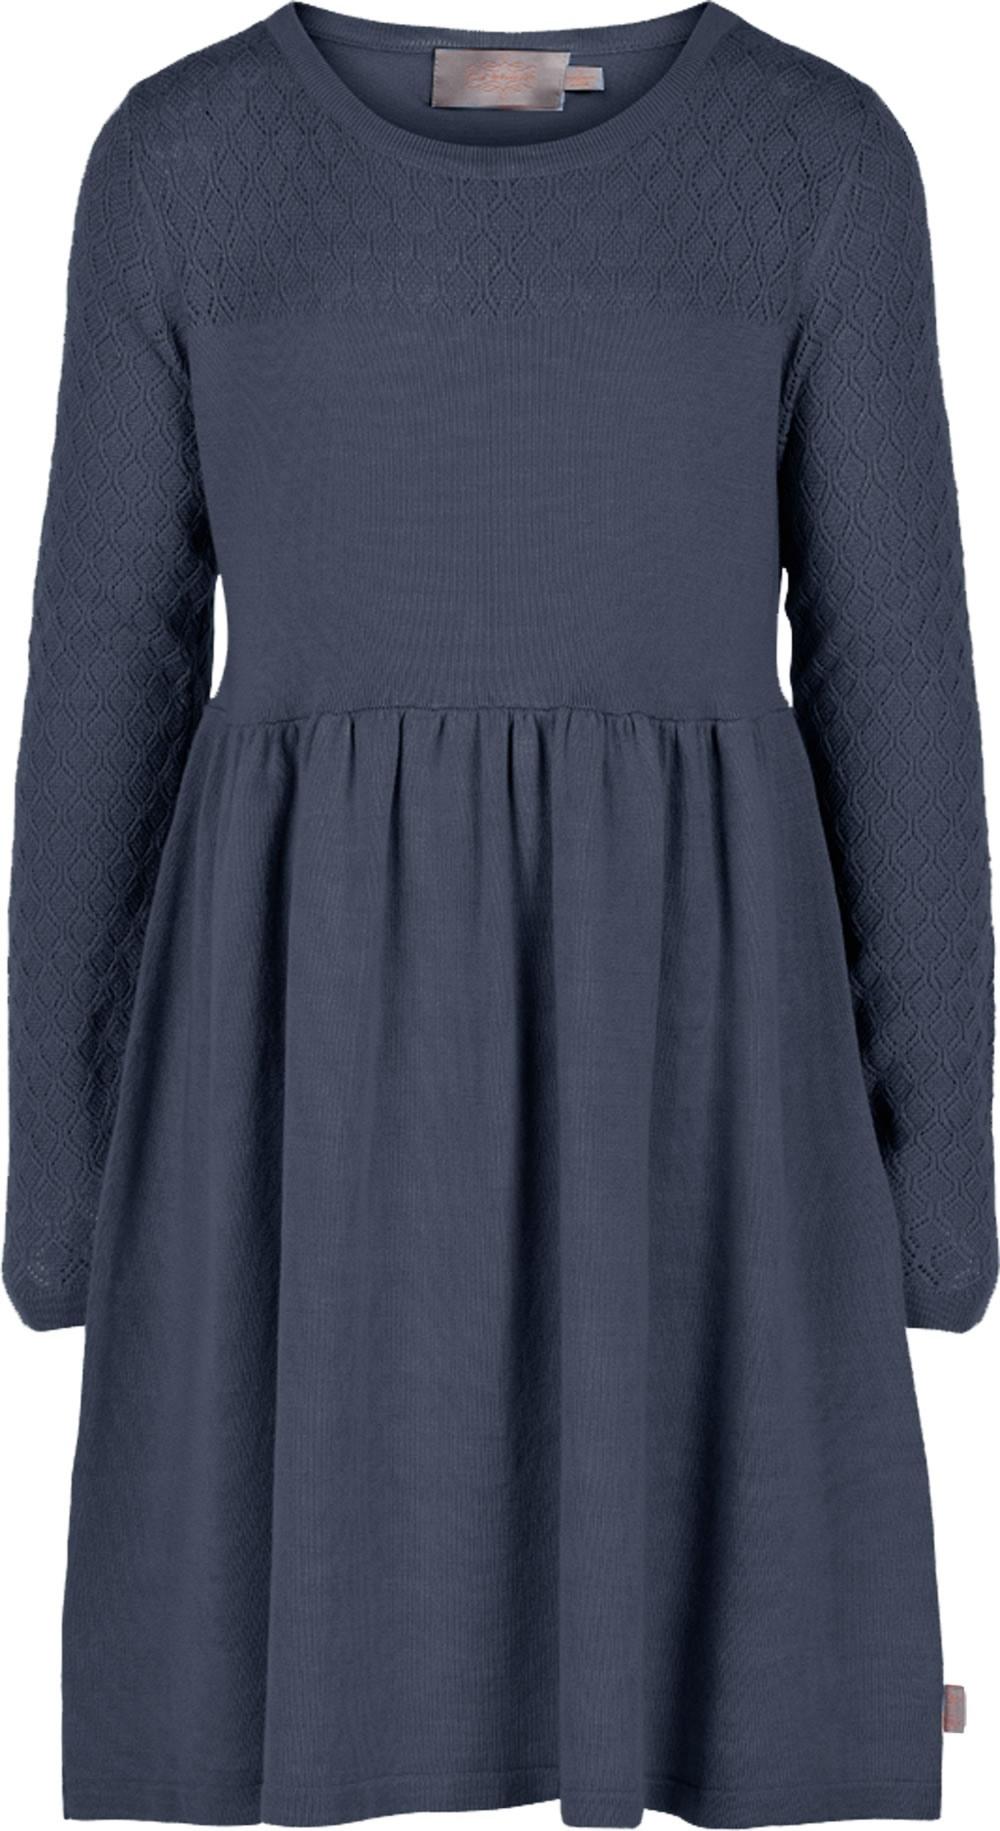 17 Erstaunlich Kleid Dunkelblau Langarm Stylish - Abendkleid